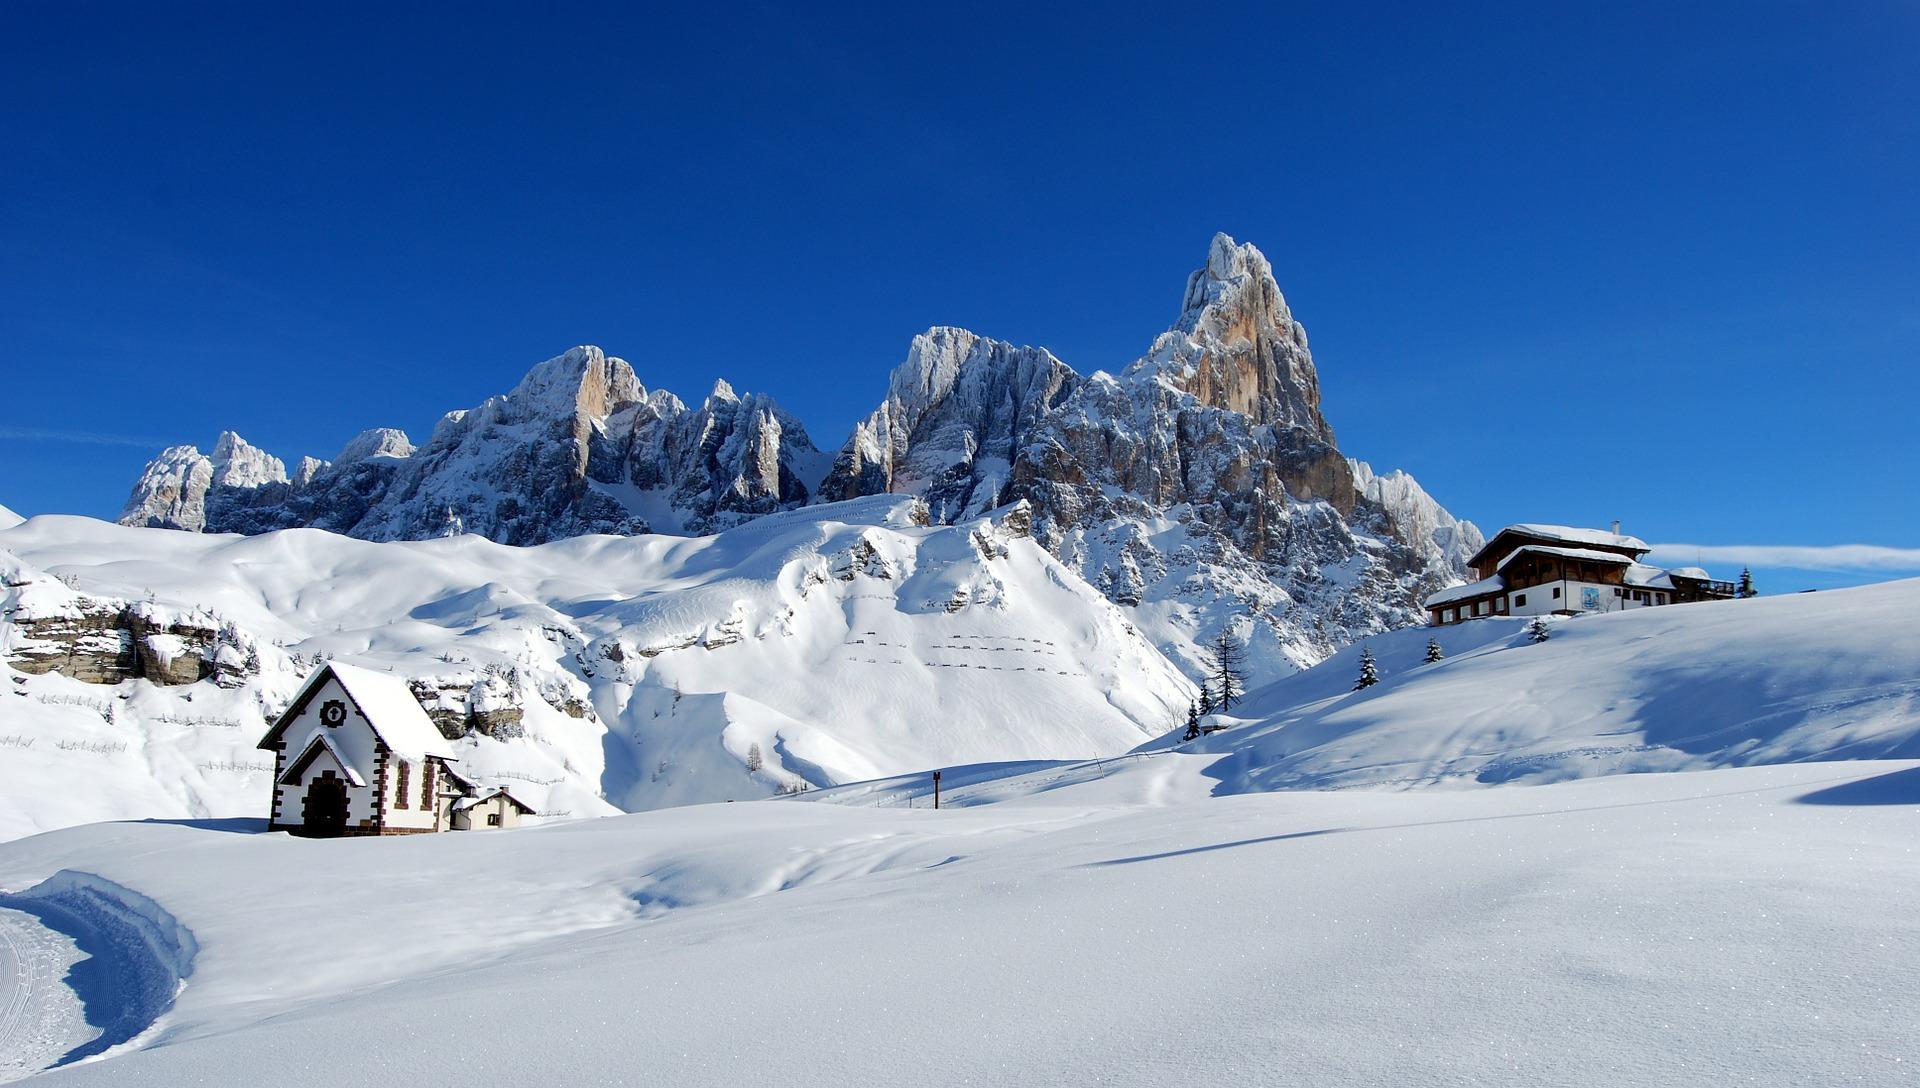 montagna capodanno 2021